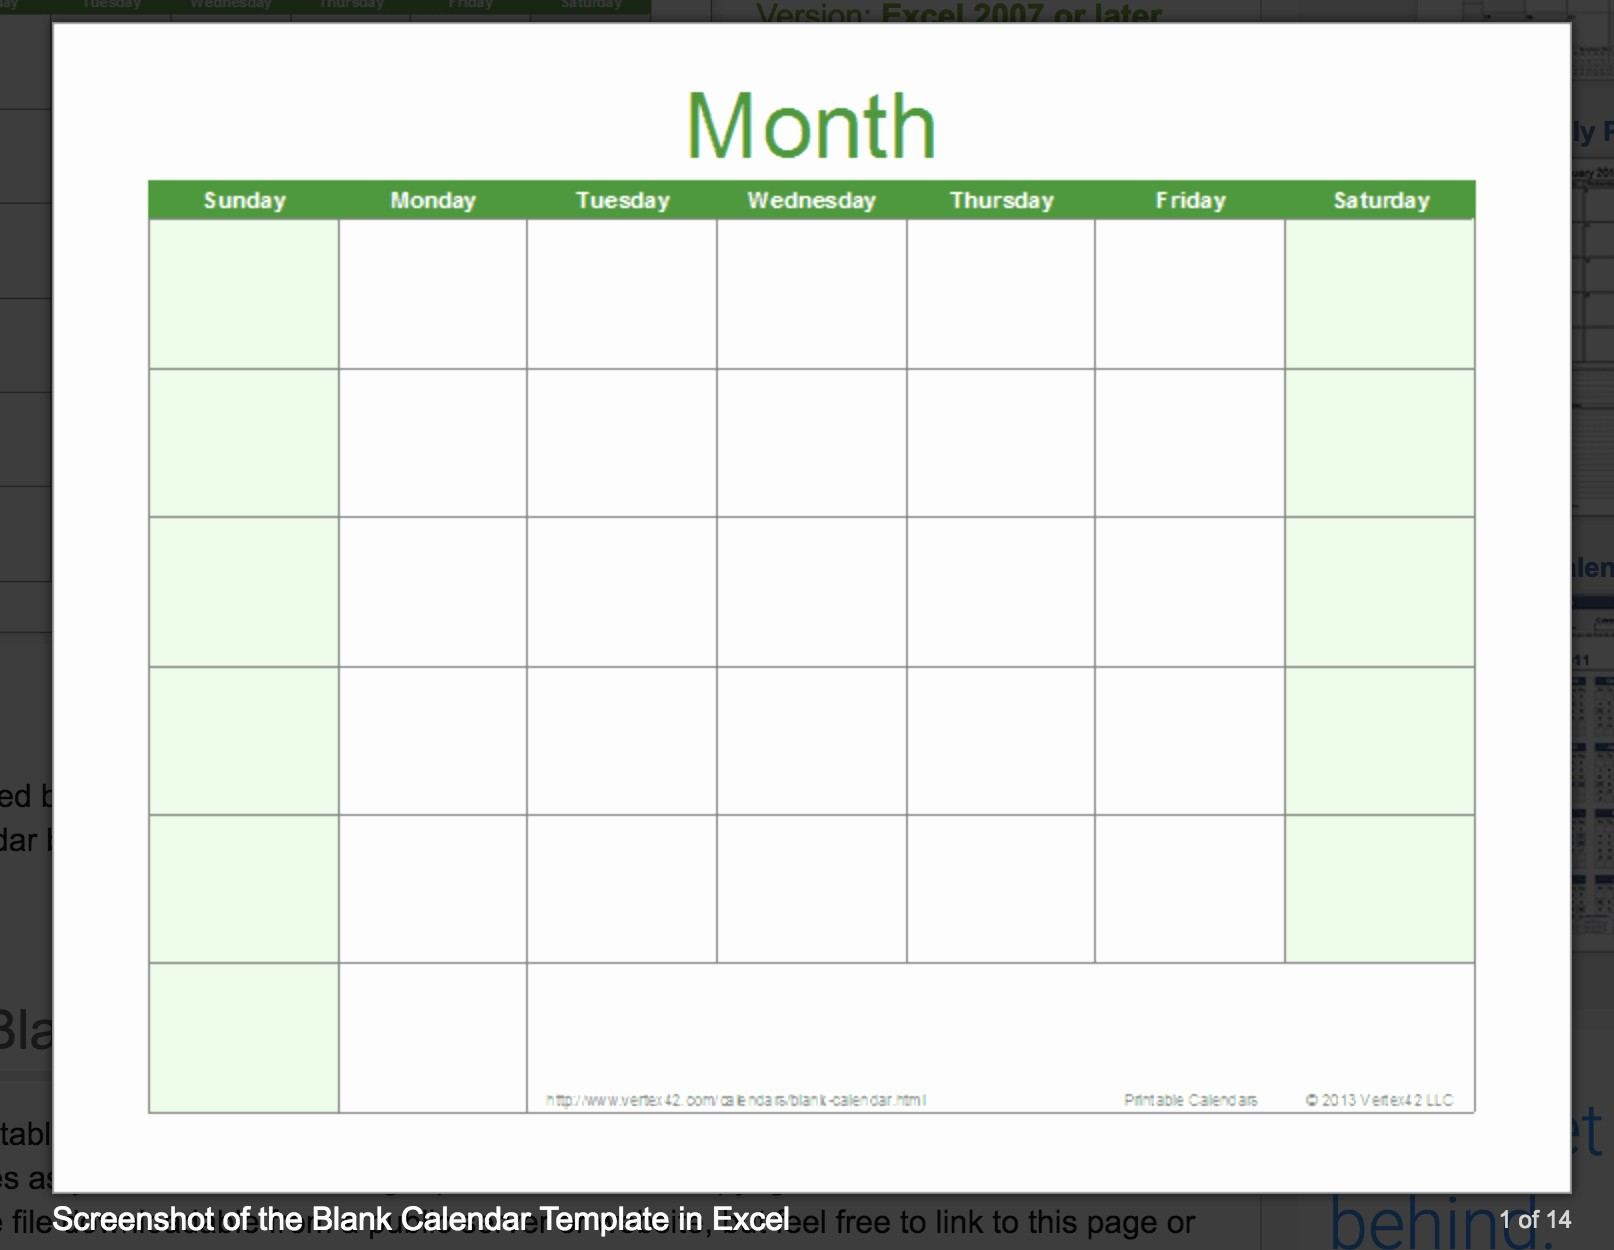 Calendario Lunar Las Palmas Más Recientemente Liberado Calendario Vertex 2019 Of Calendario Lunar Las Palmas Más Populares Jimenez 2019 04 01